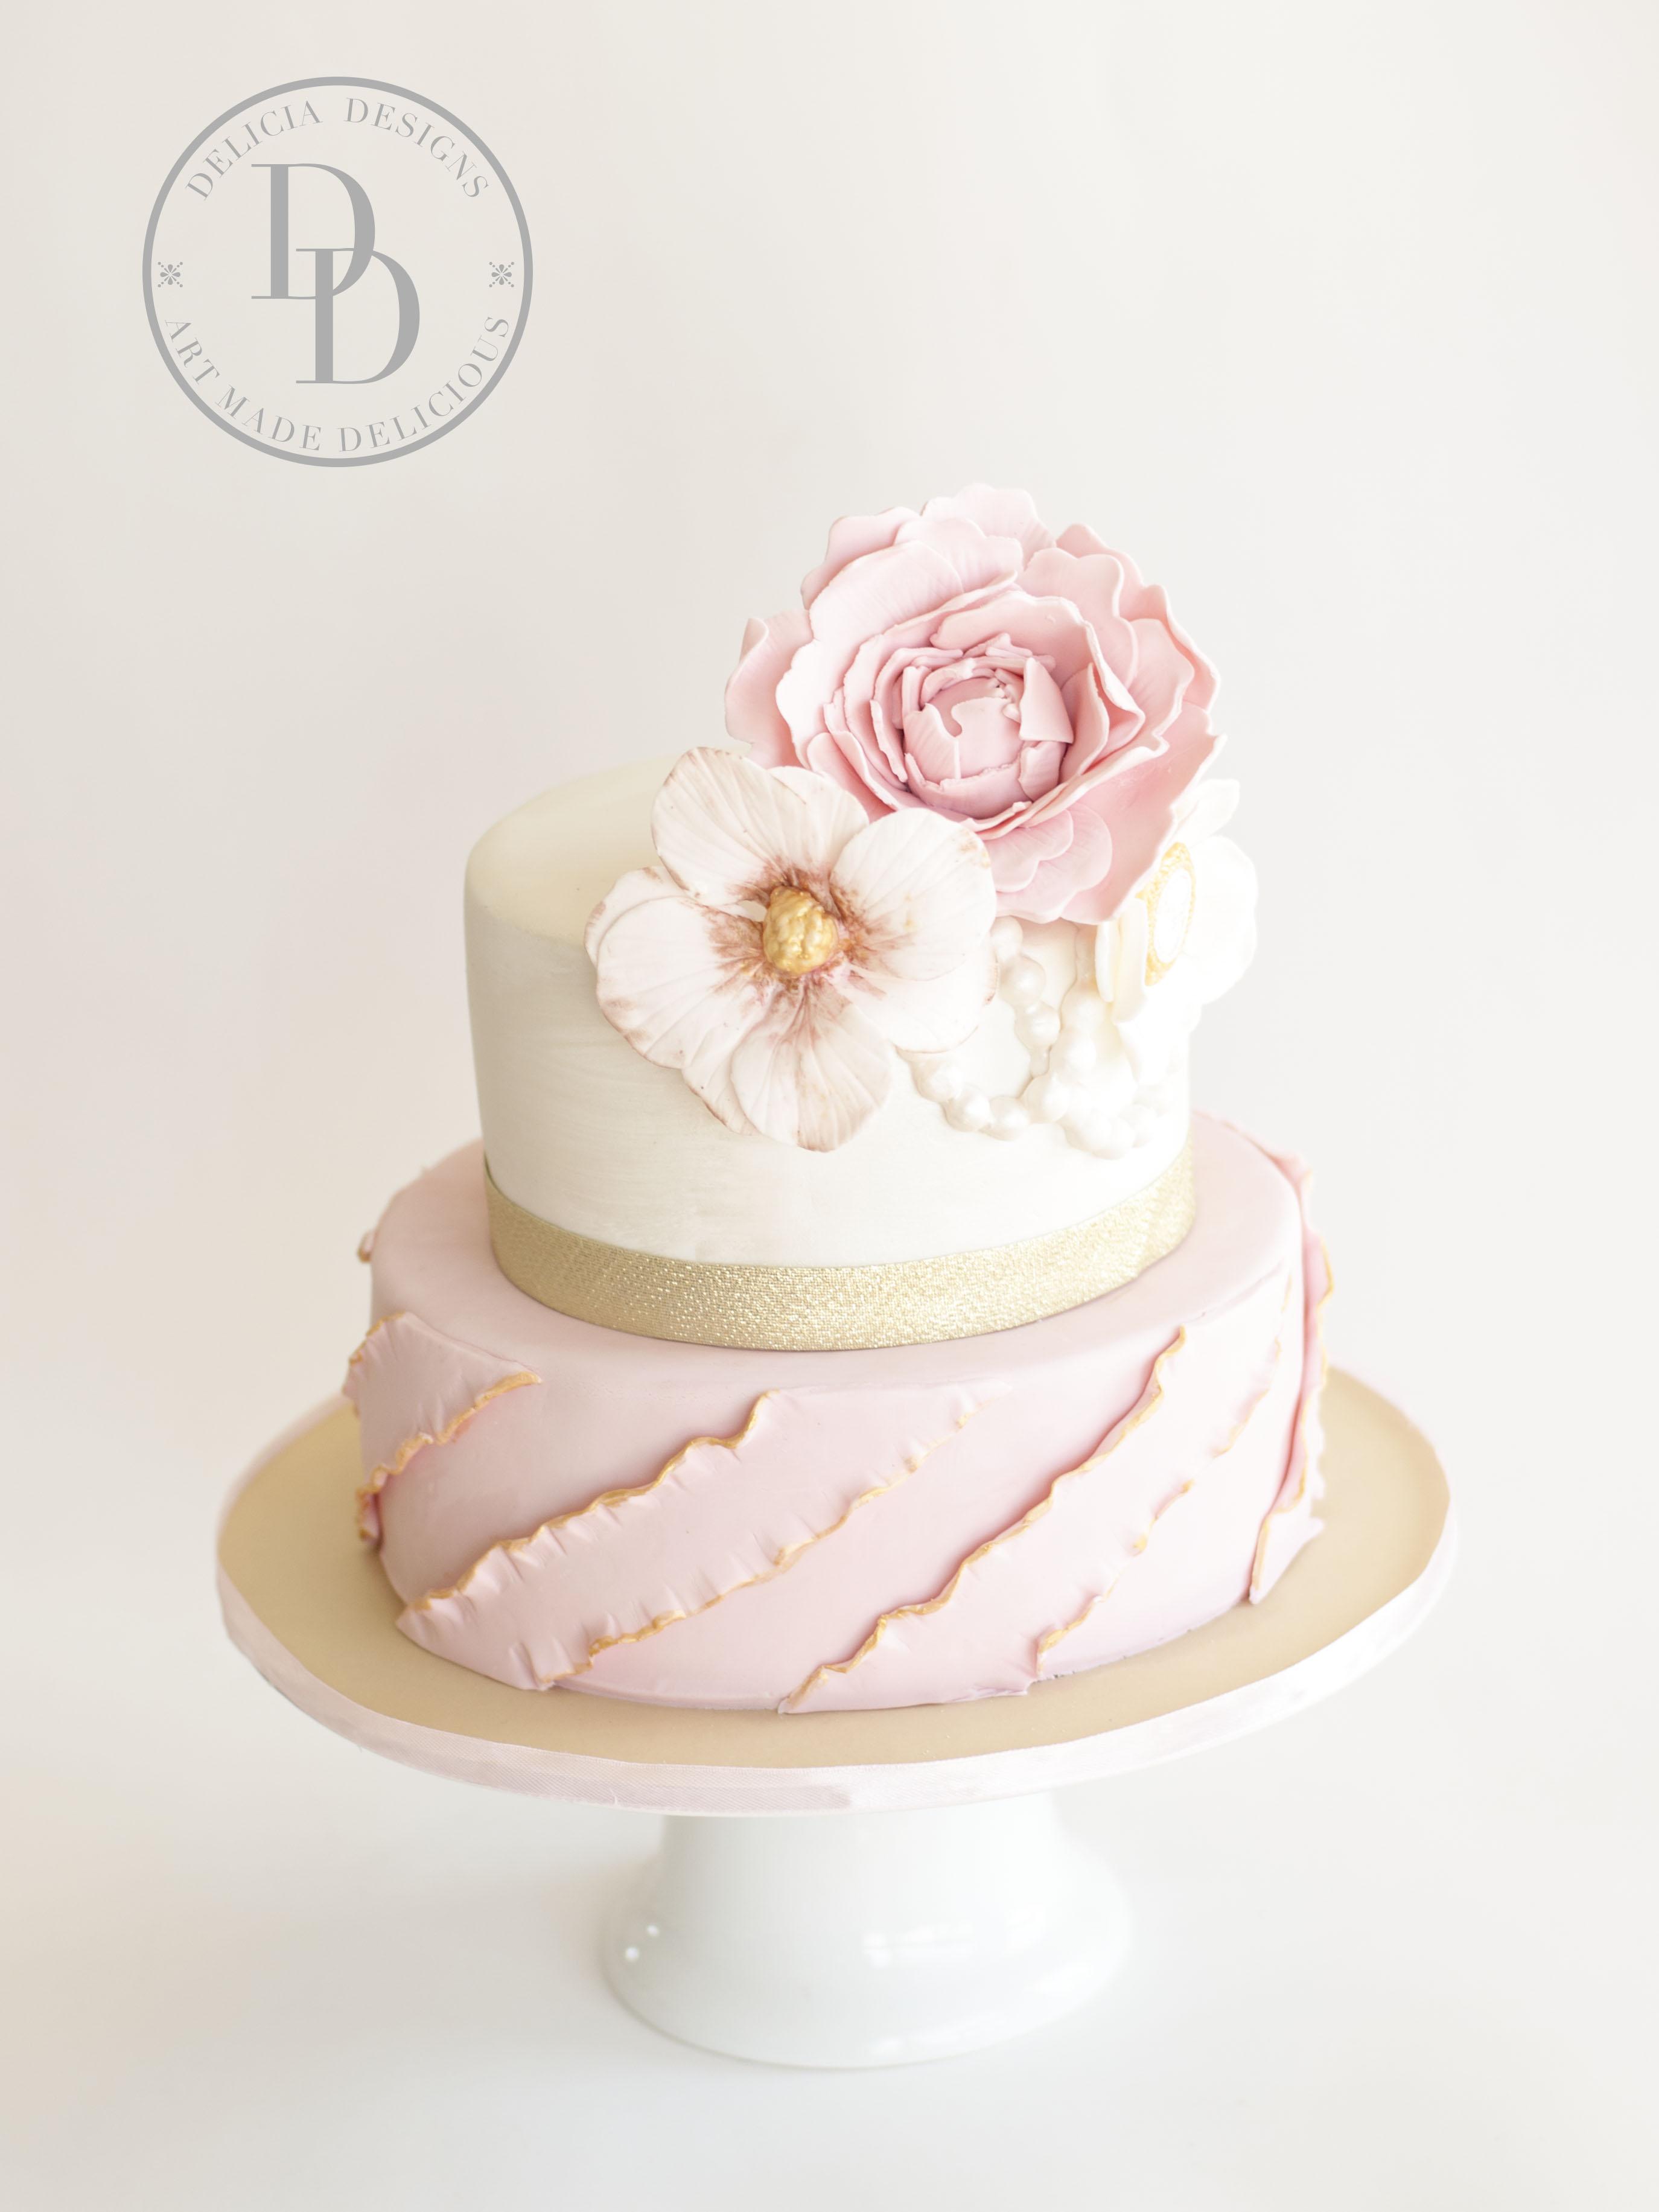 Pink and White ruffle birthday cake